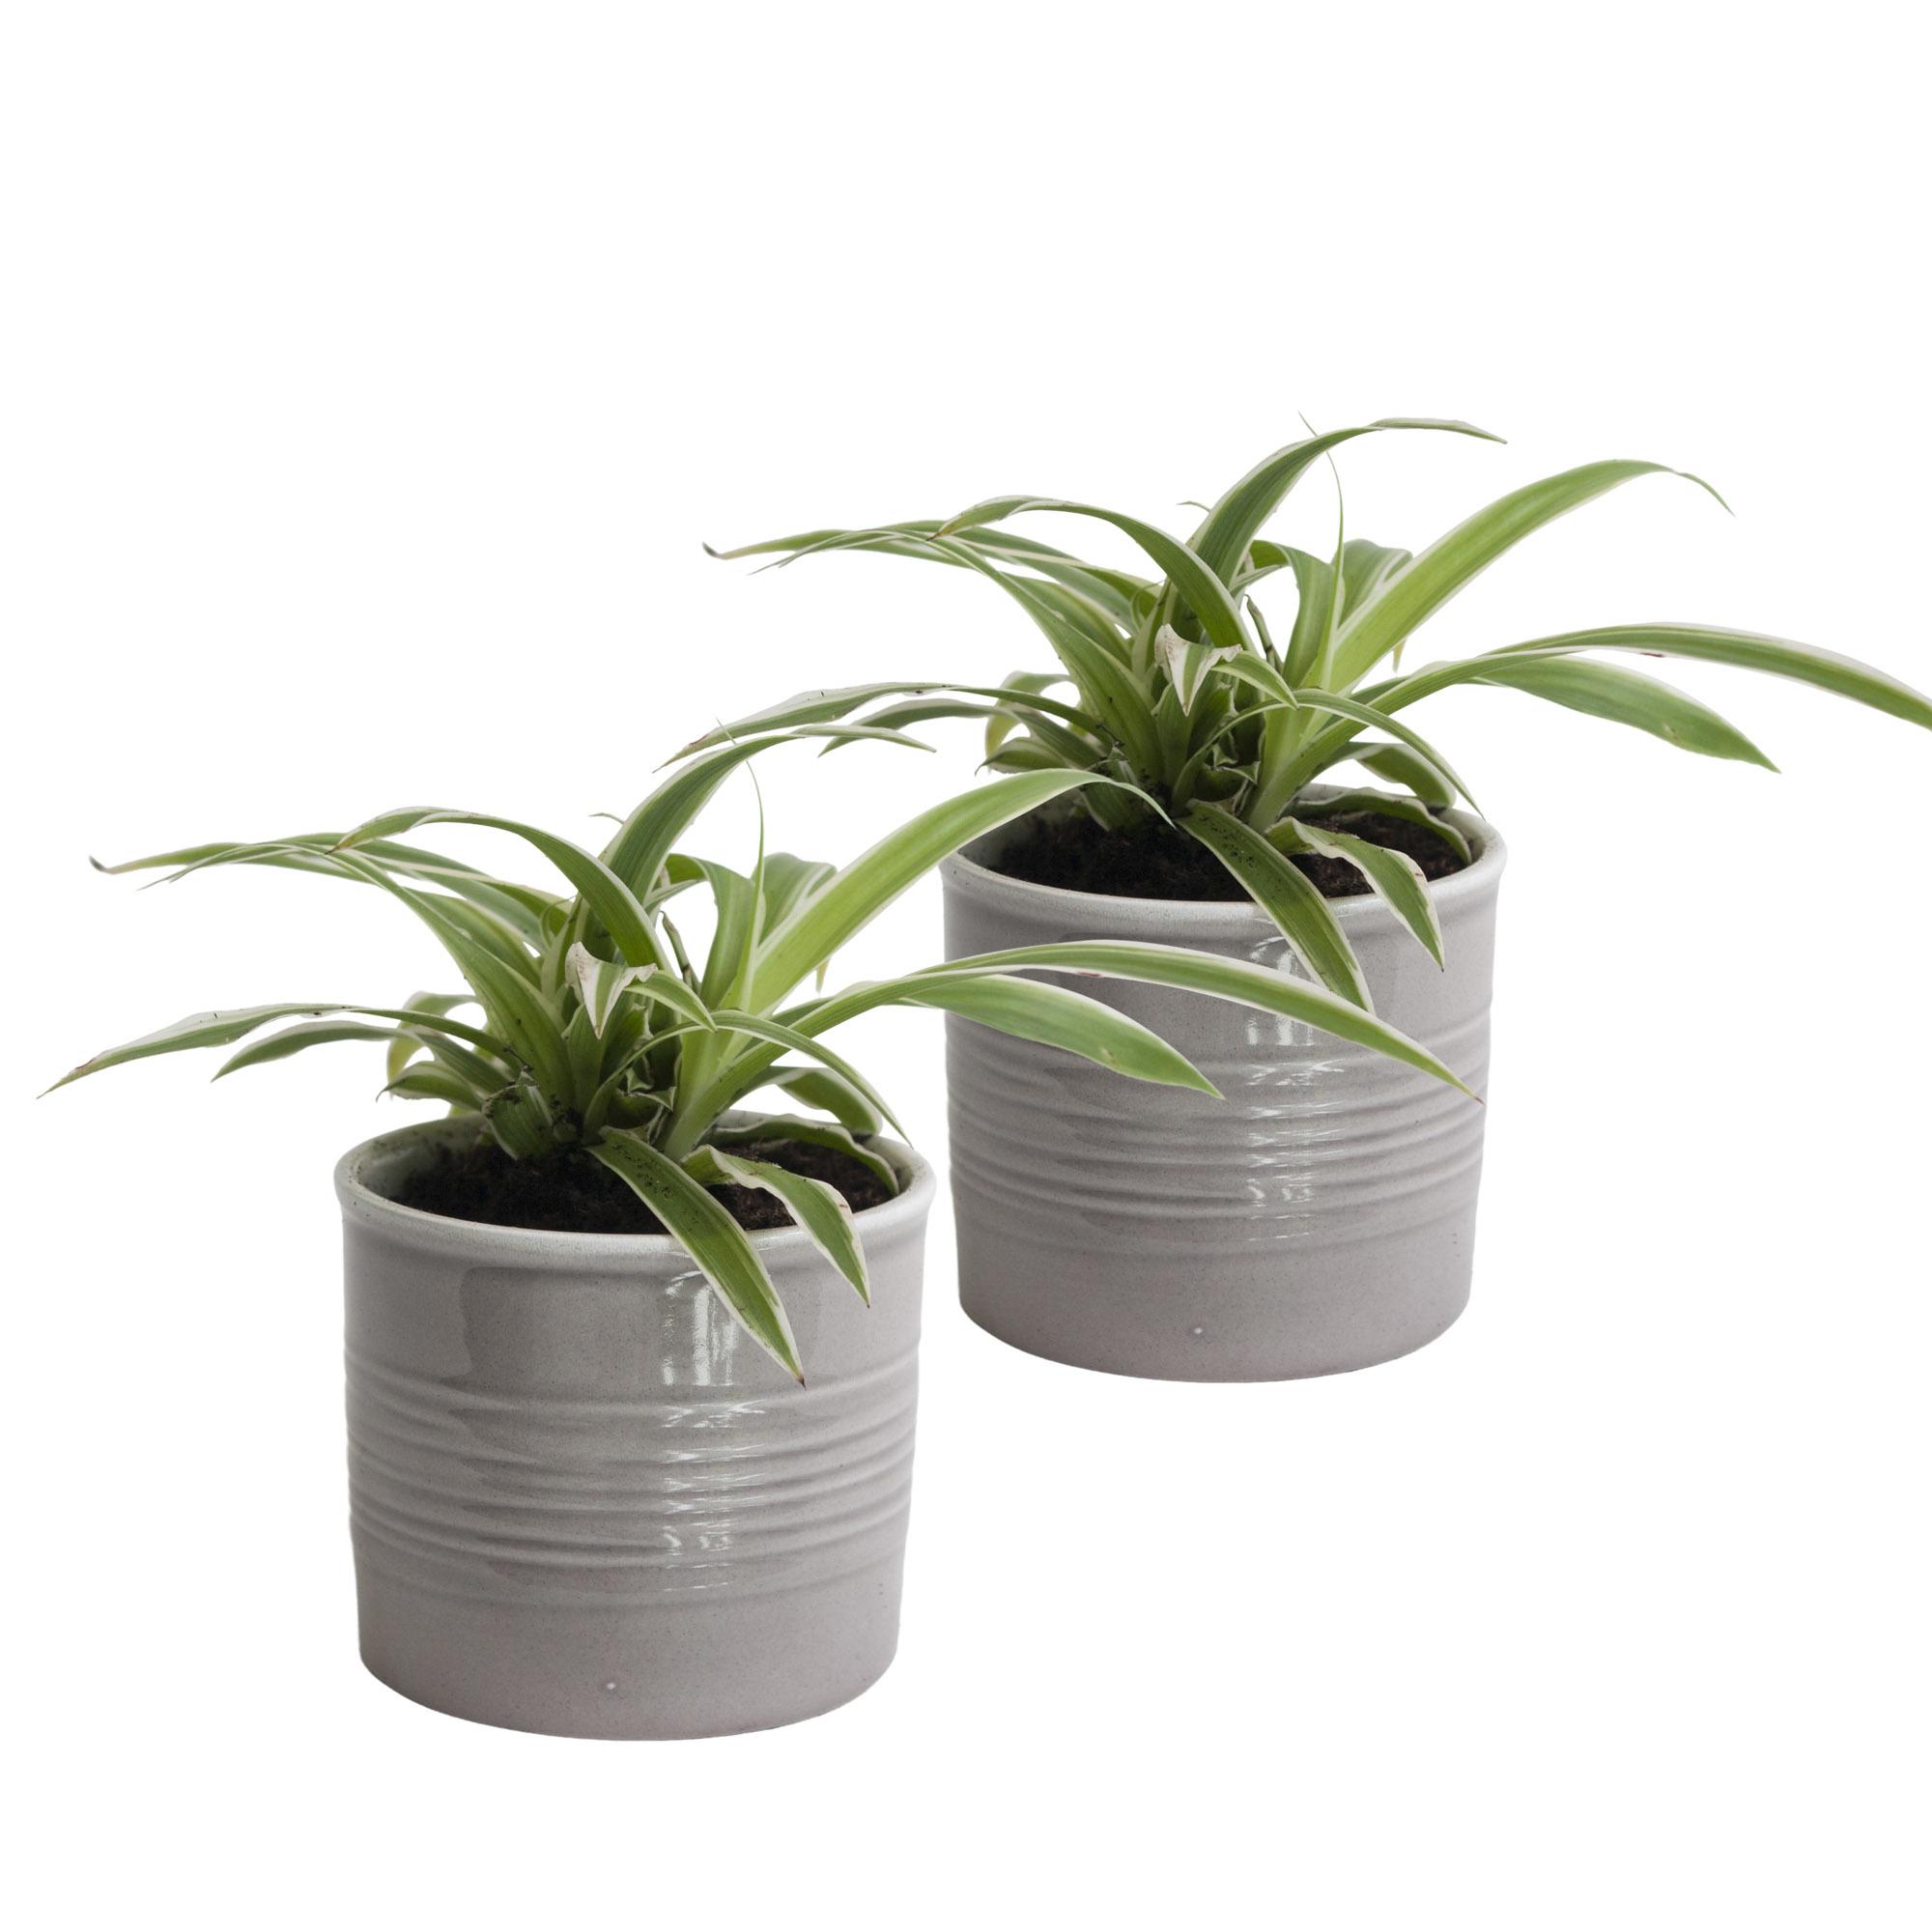 Duo graslelie in keramiek (grijs) (10x12 cm)